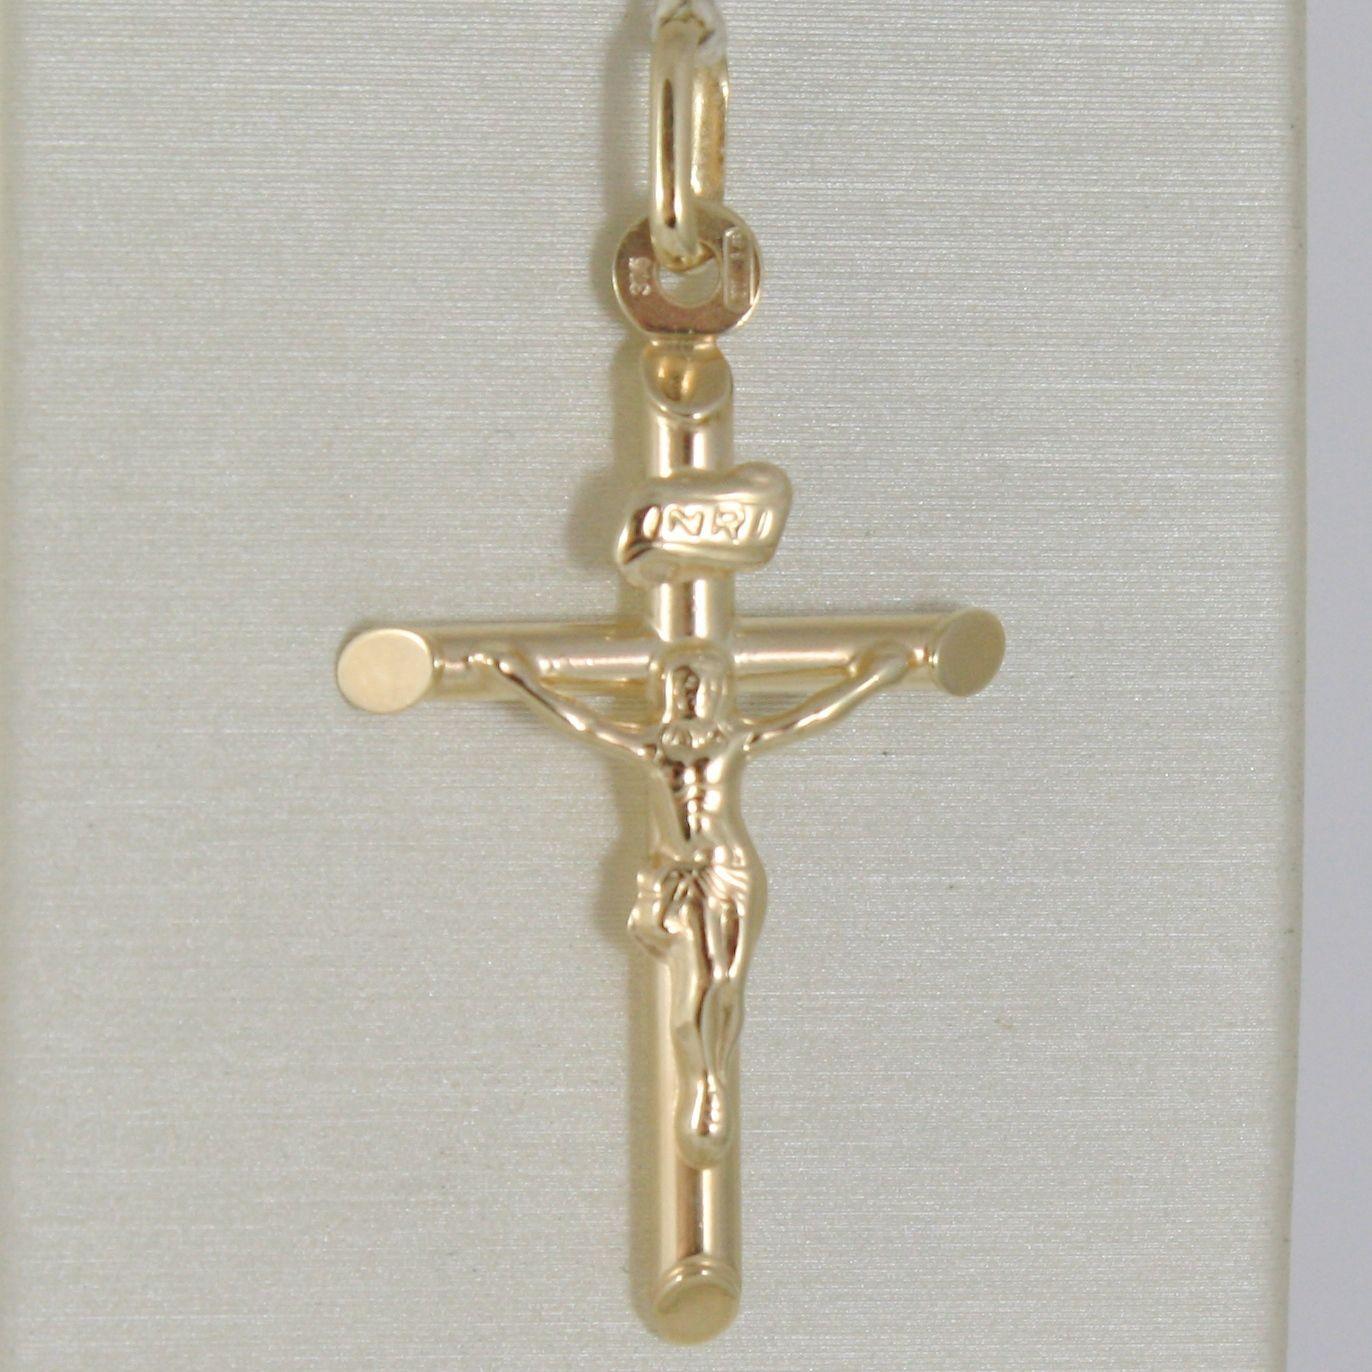 PENDENTIF CROIX OR JAUNE OU BLANC 375 9K,TUYAU,AVEC LE CHRIST,JESUS,